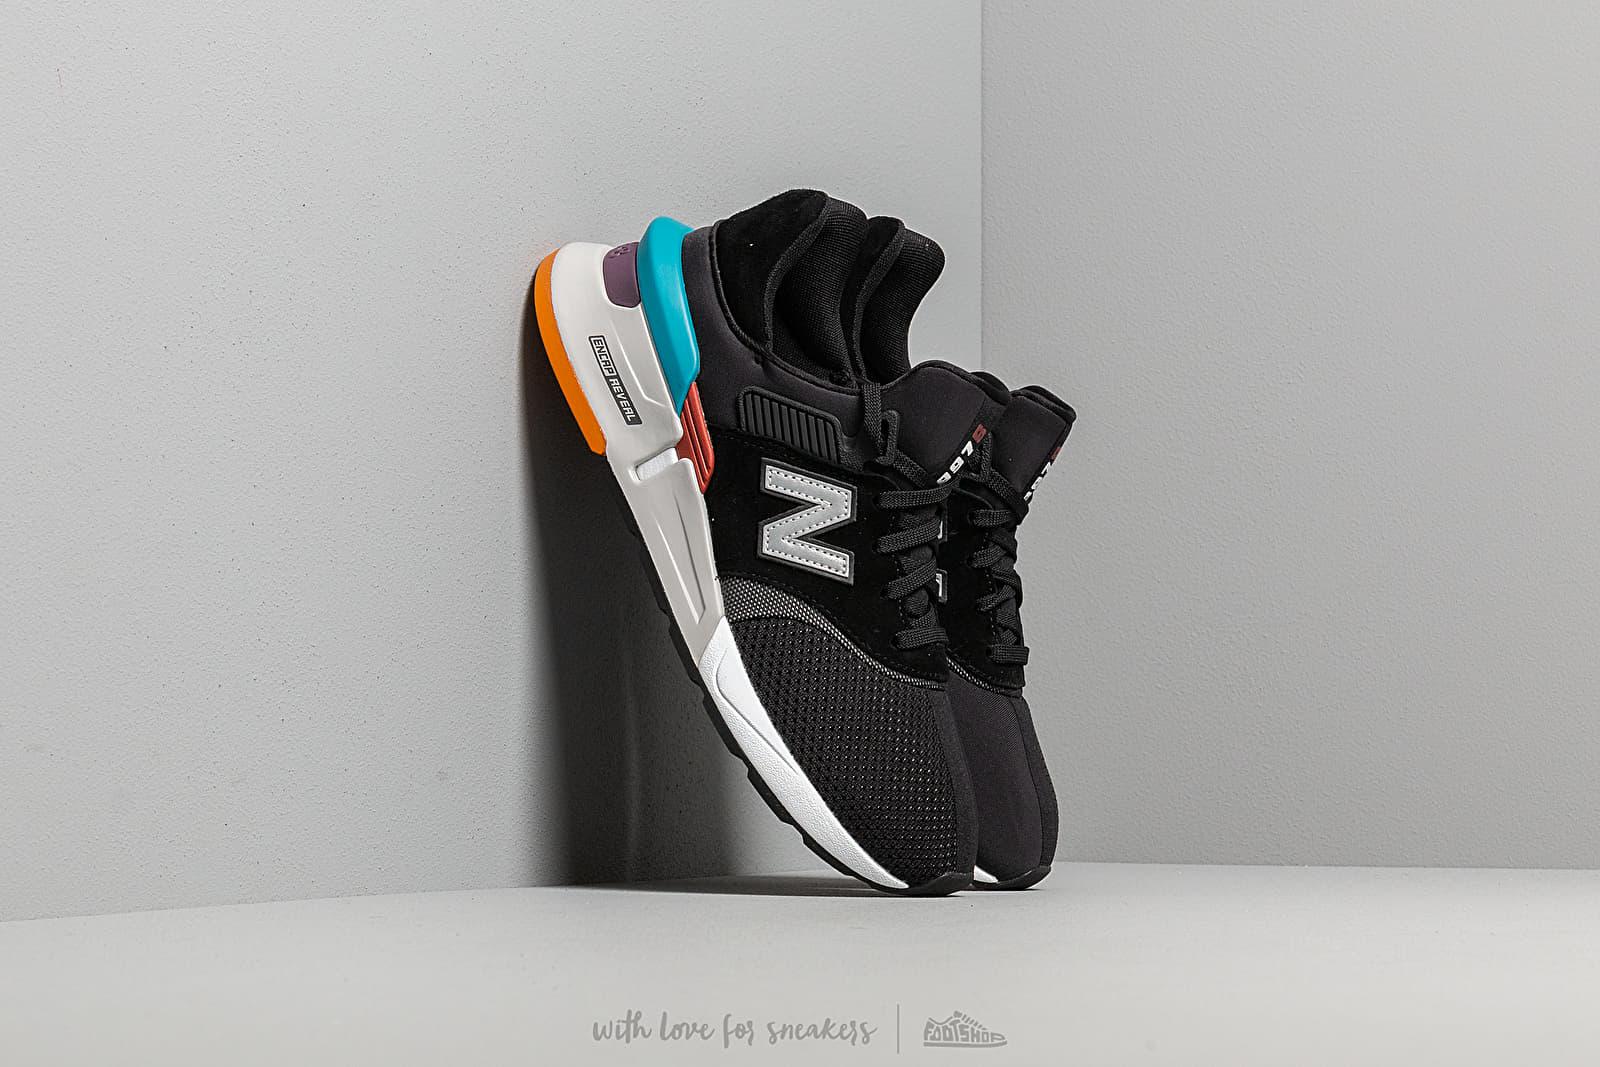 En la madrugada trabajo duro Retorcido  Men's shoes New Balance 997 Black/ Grey/ Multicolor